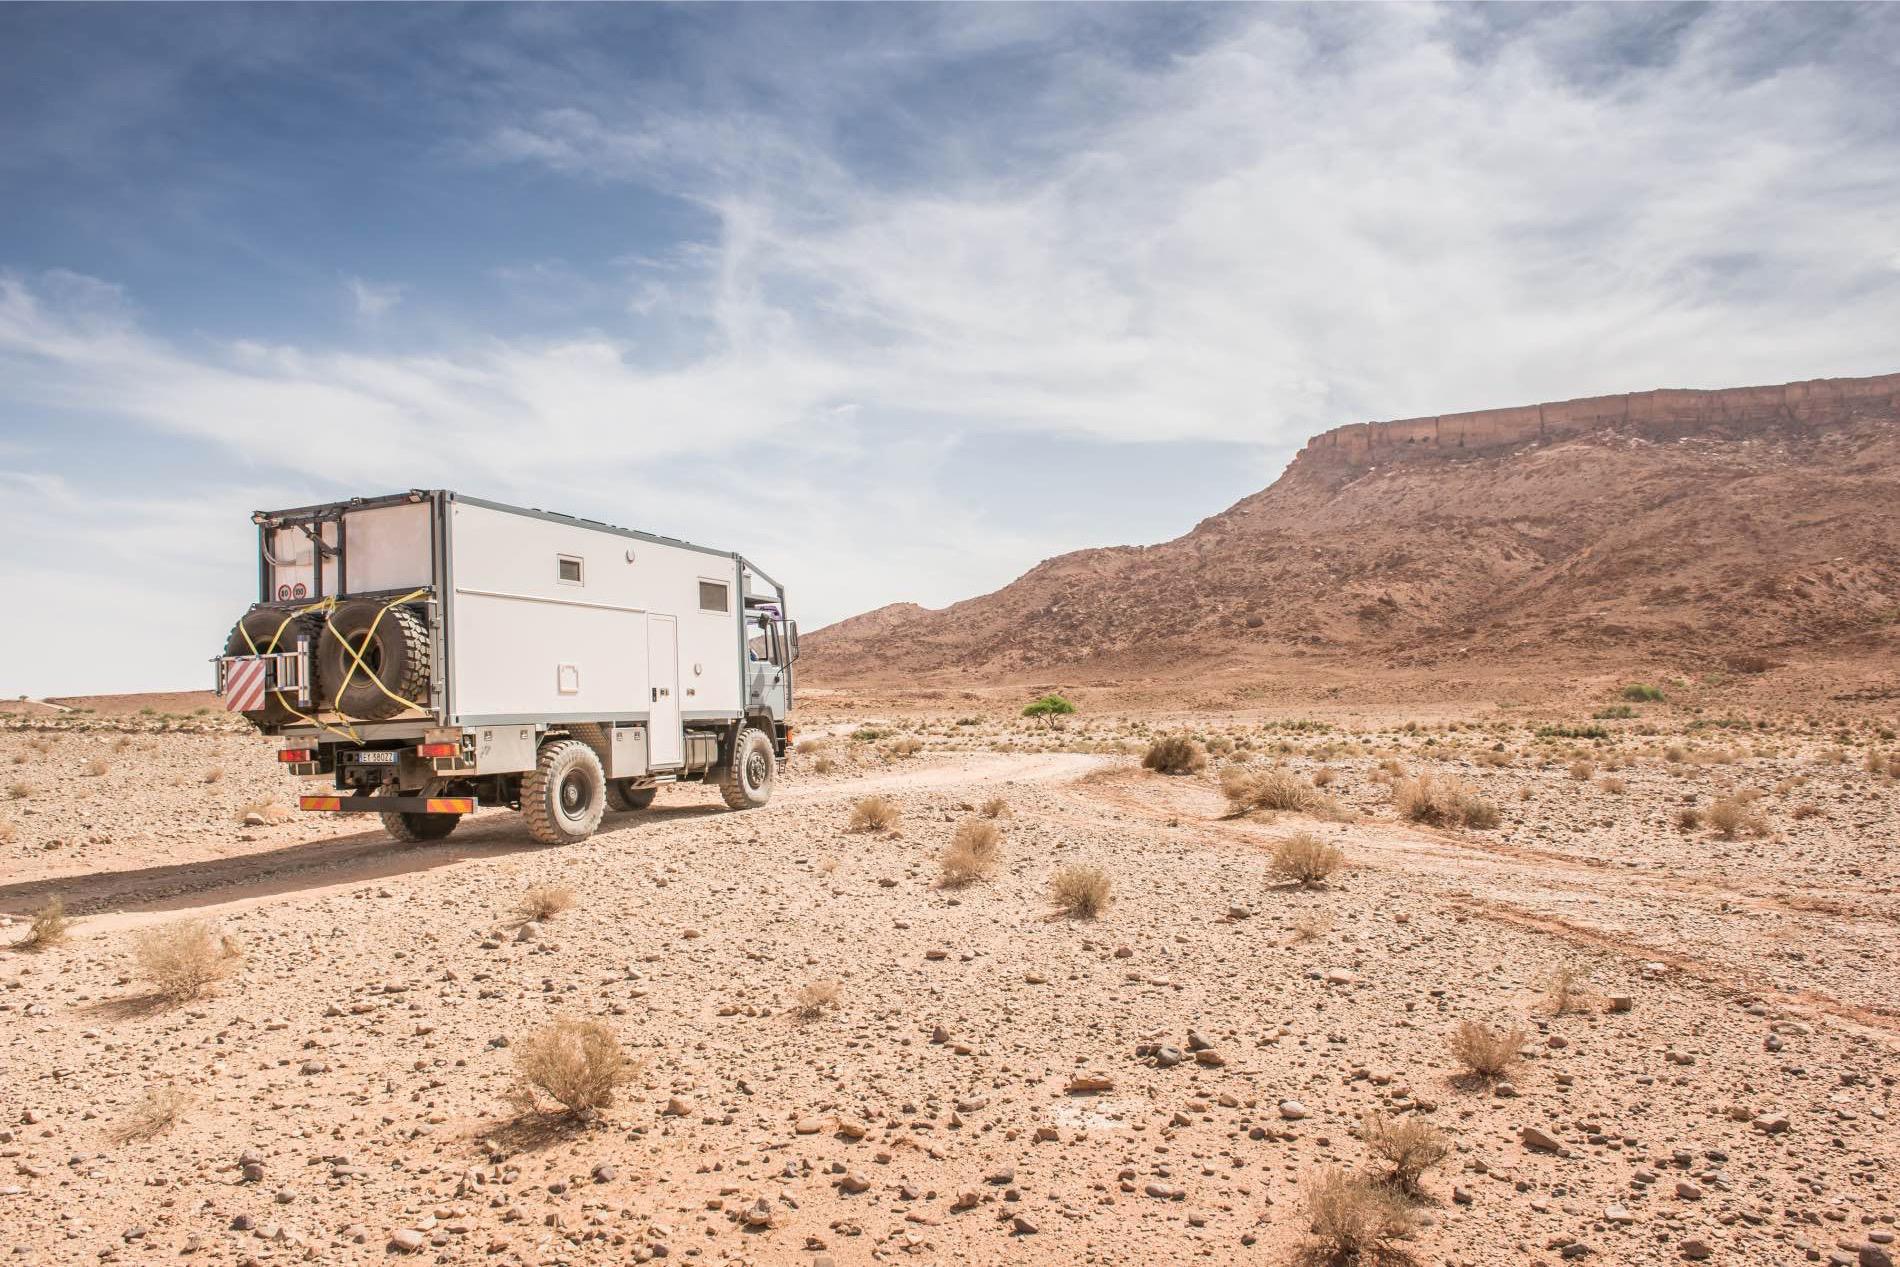 desert-road-truck_3.jpg